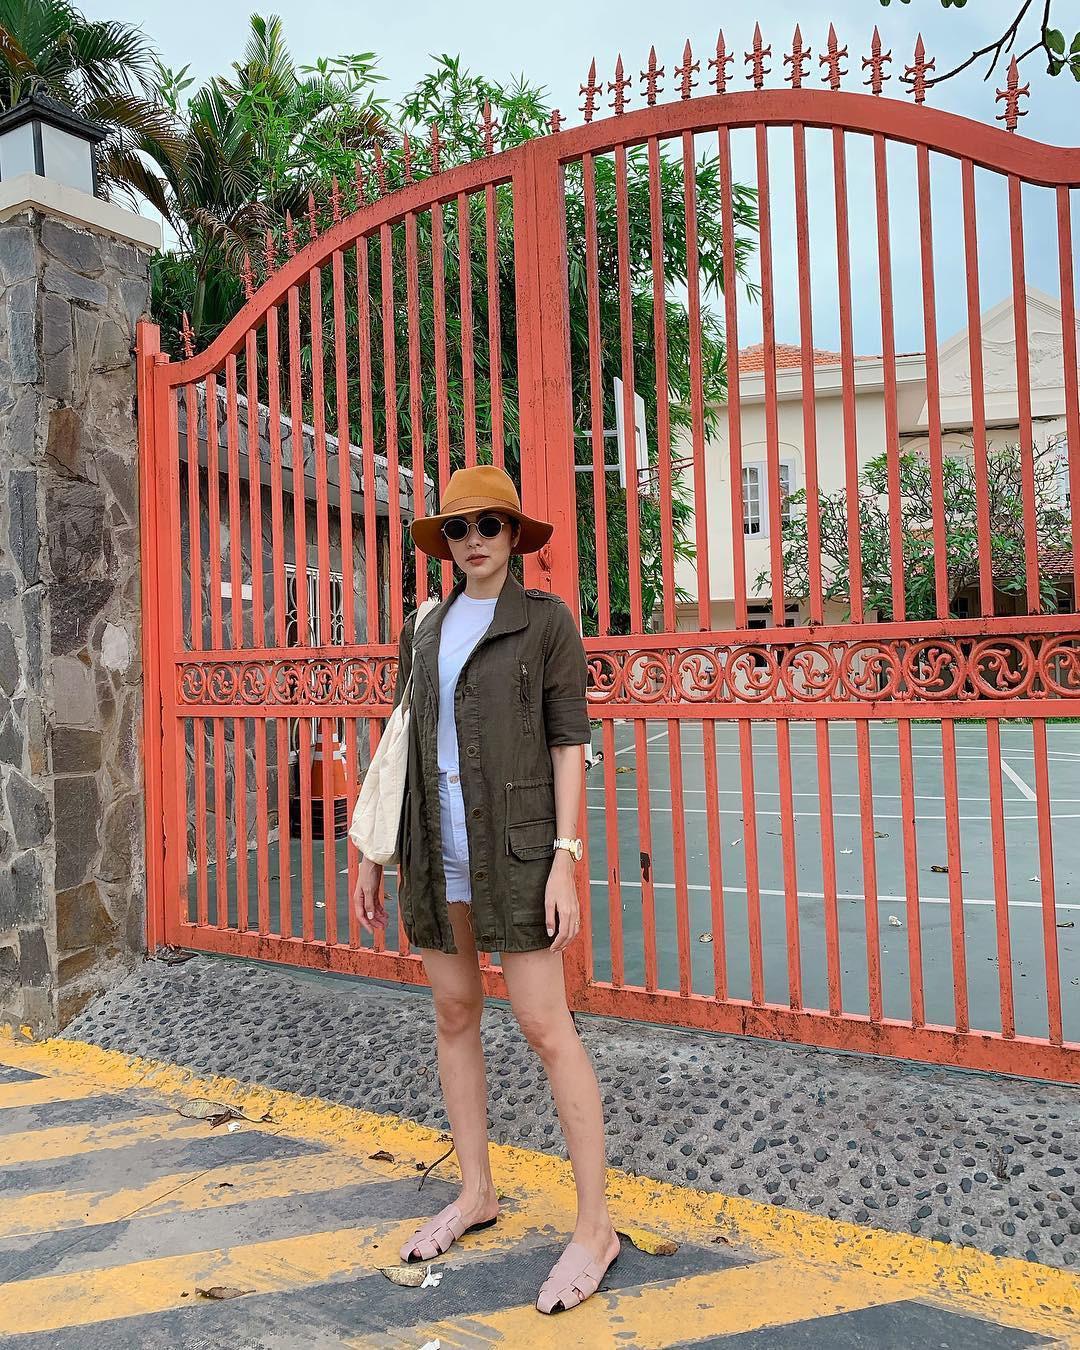 Ăn mặc sành điệu là phải chọn chuẩn từ giày dép: 5 gợi ý từ sao Việt giúp bạn hoàn thiện tủ giày 100% thời thượng - Ảnh 14.